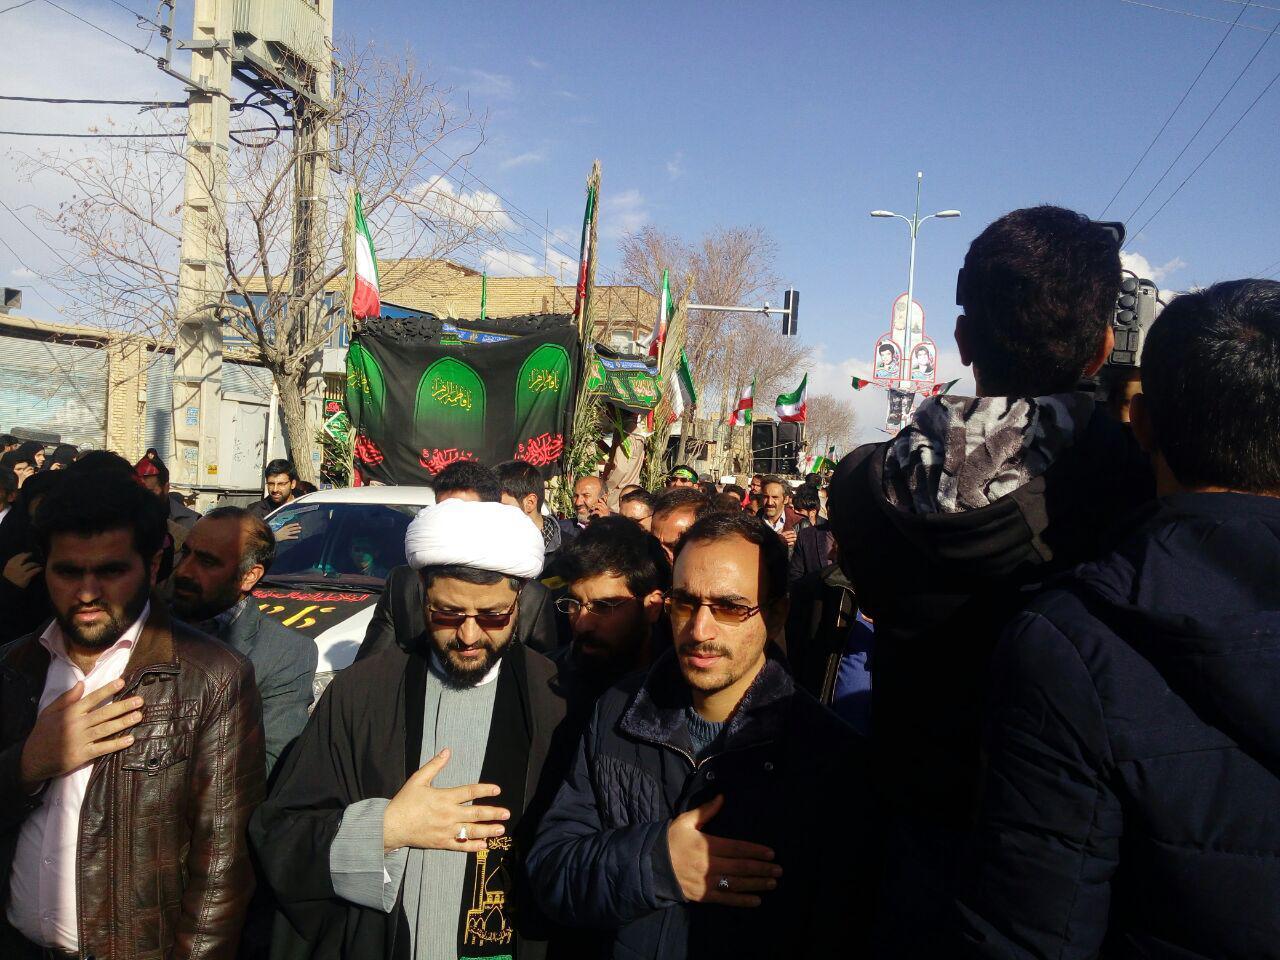 تشییع وتدفین پیکر مطهر ۳ شهید گمنام در قهدریجان1